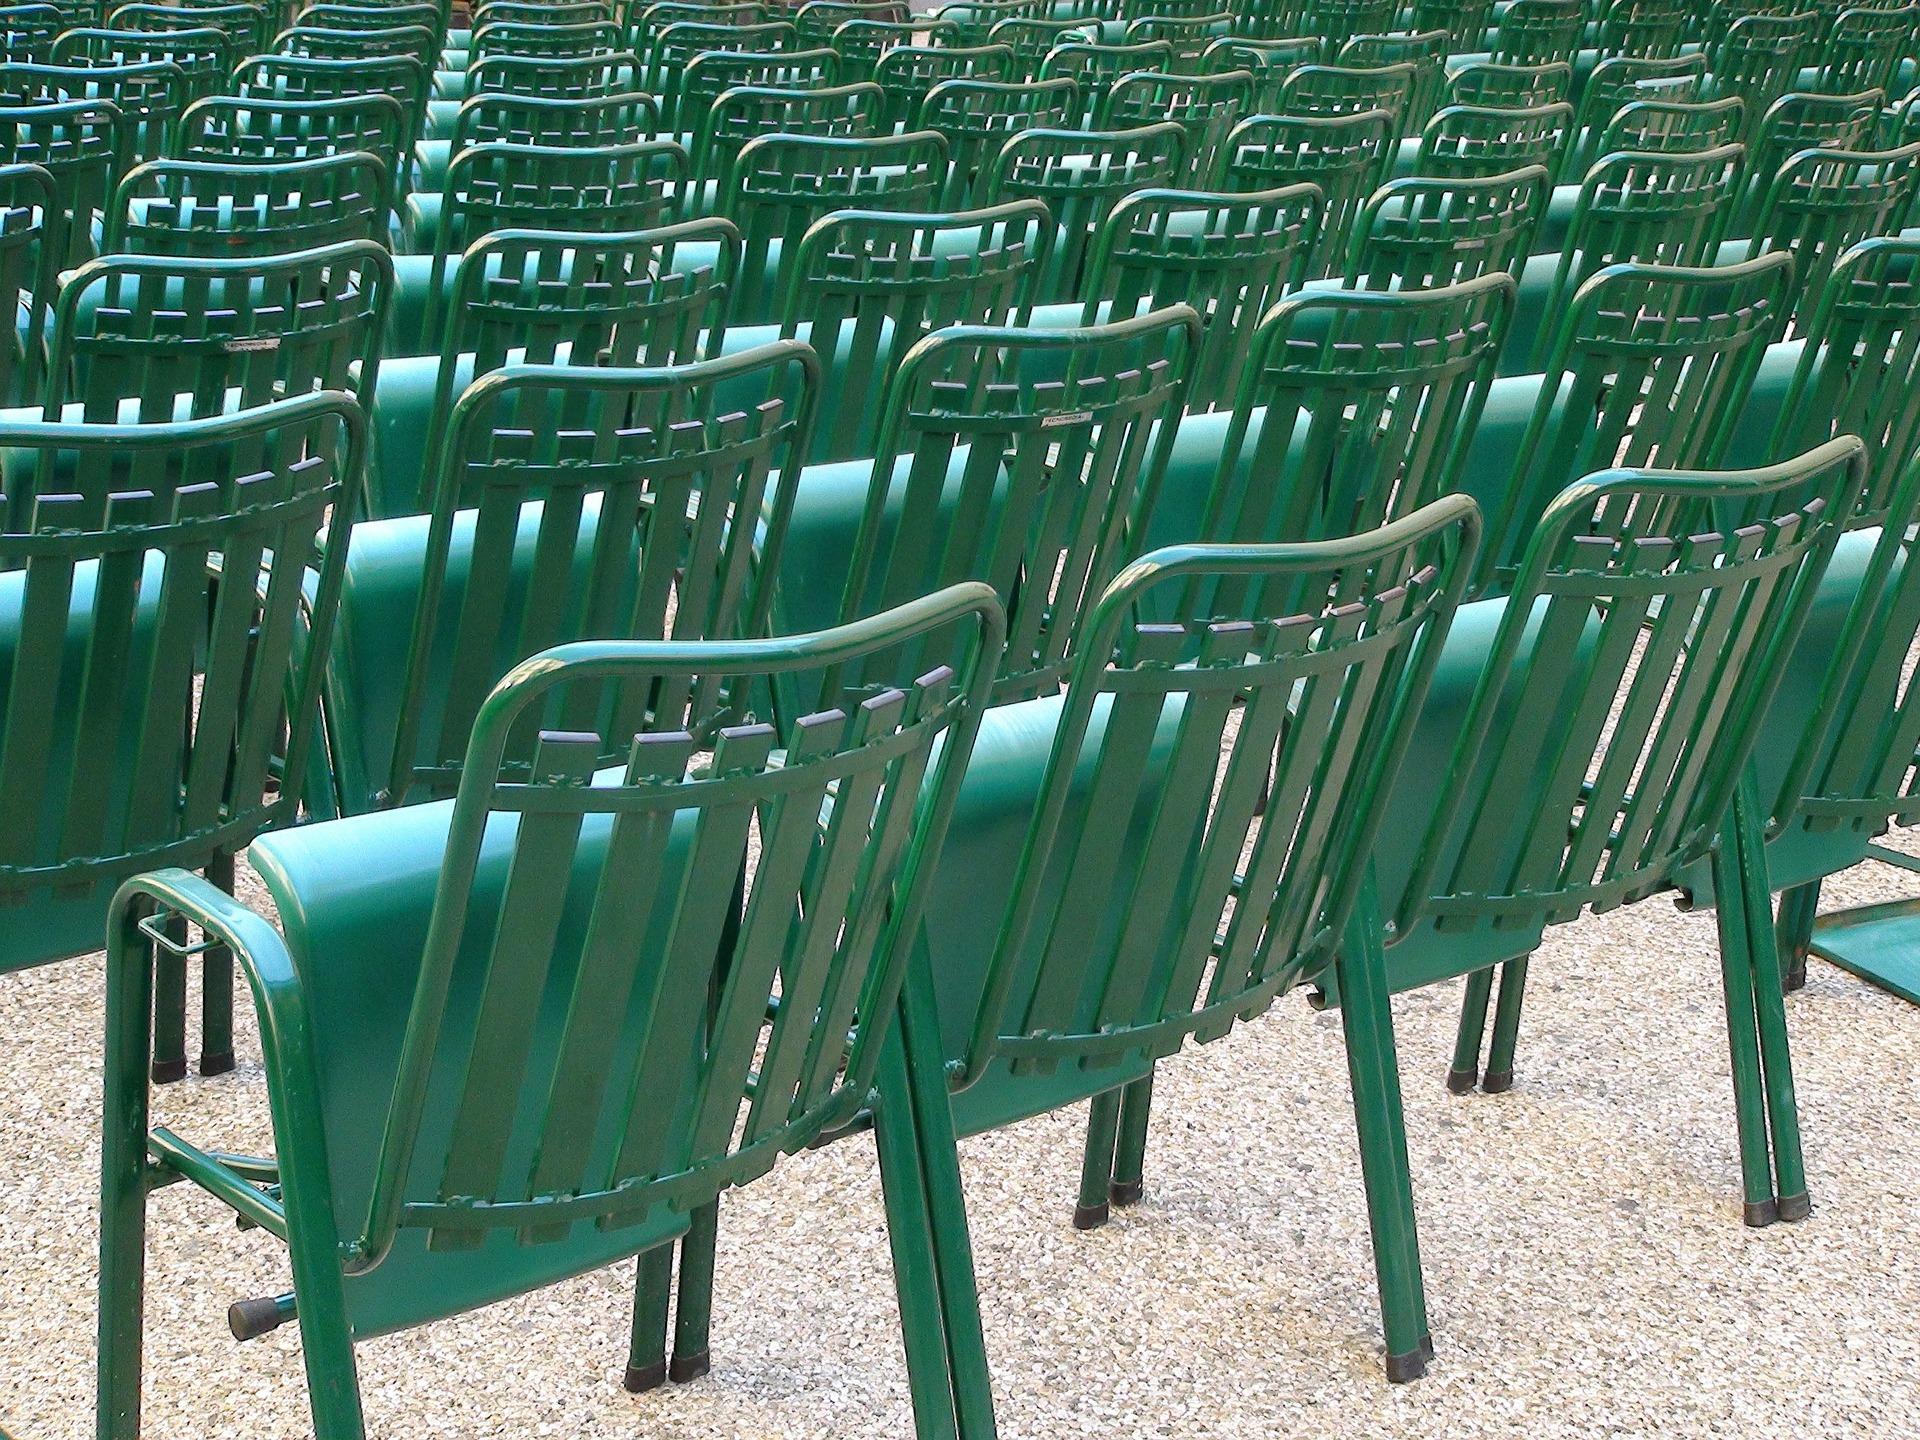 chairs-442978_1920.jpg